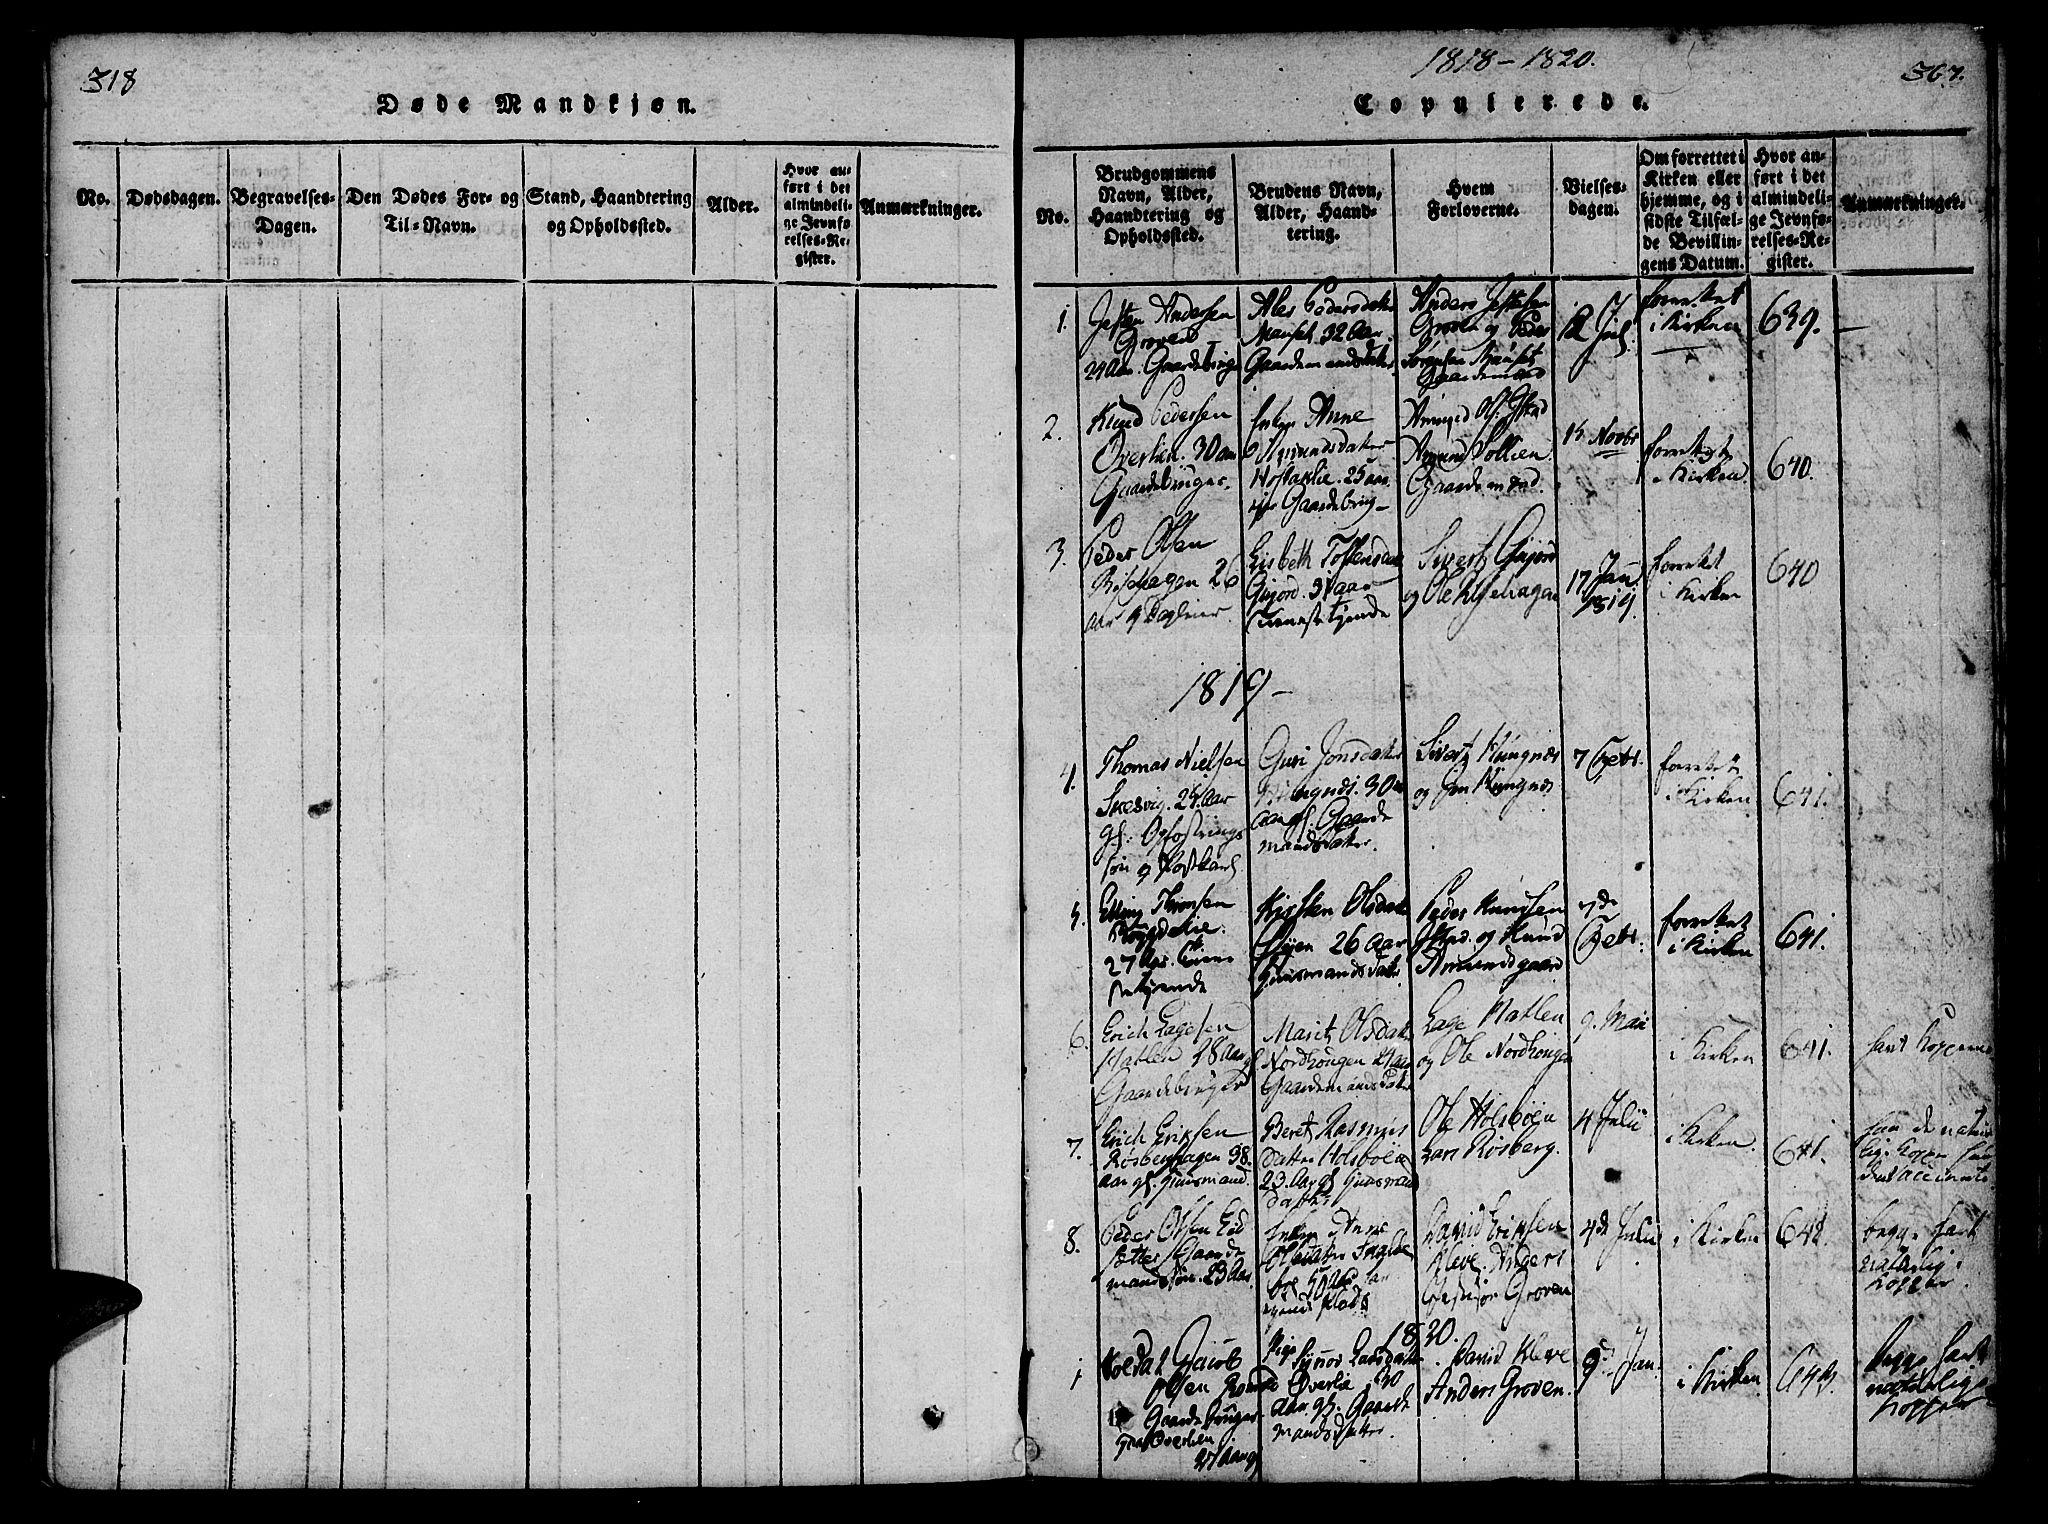 SAT, Ministerialprotokoller, klokkerbøker og fødselsregistre - Møre og Romsdal, 557/L0679: Ministerialbok nr. 557A01, 1818-1843, s. 366-367